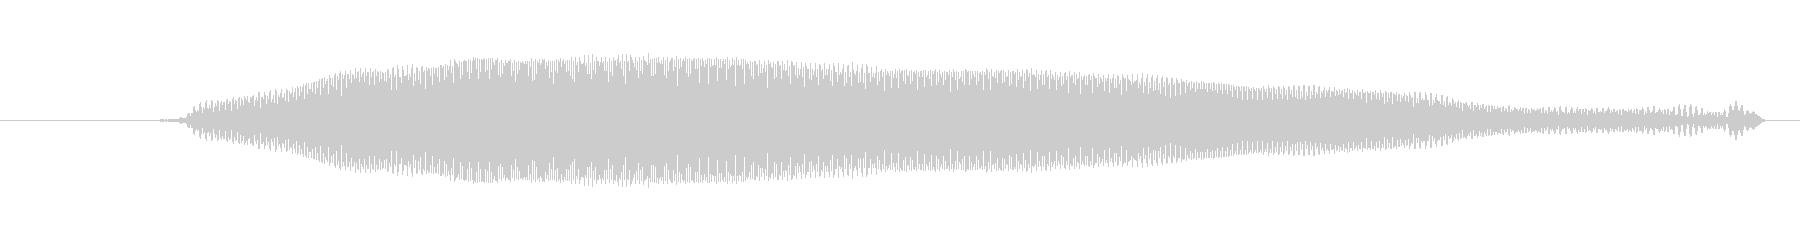 鳴き声 リトルガールドリーミー01の未再生の波形